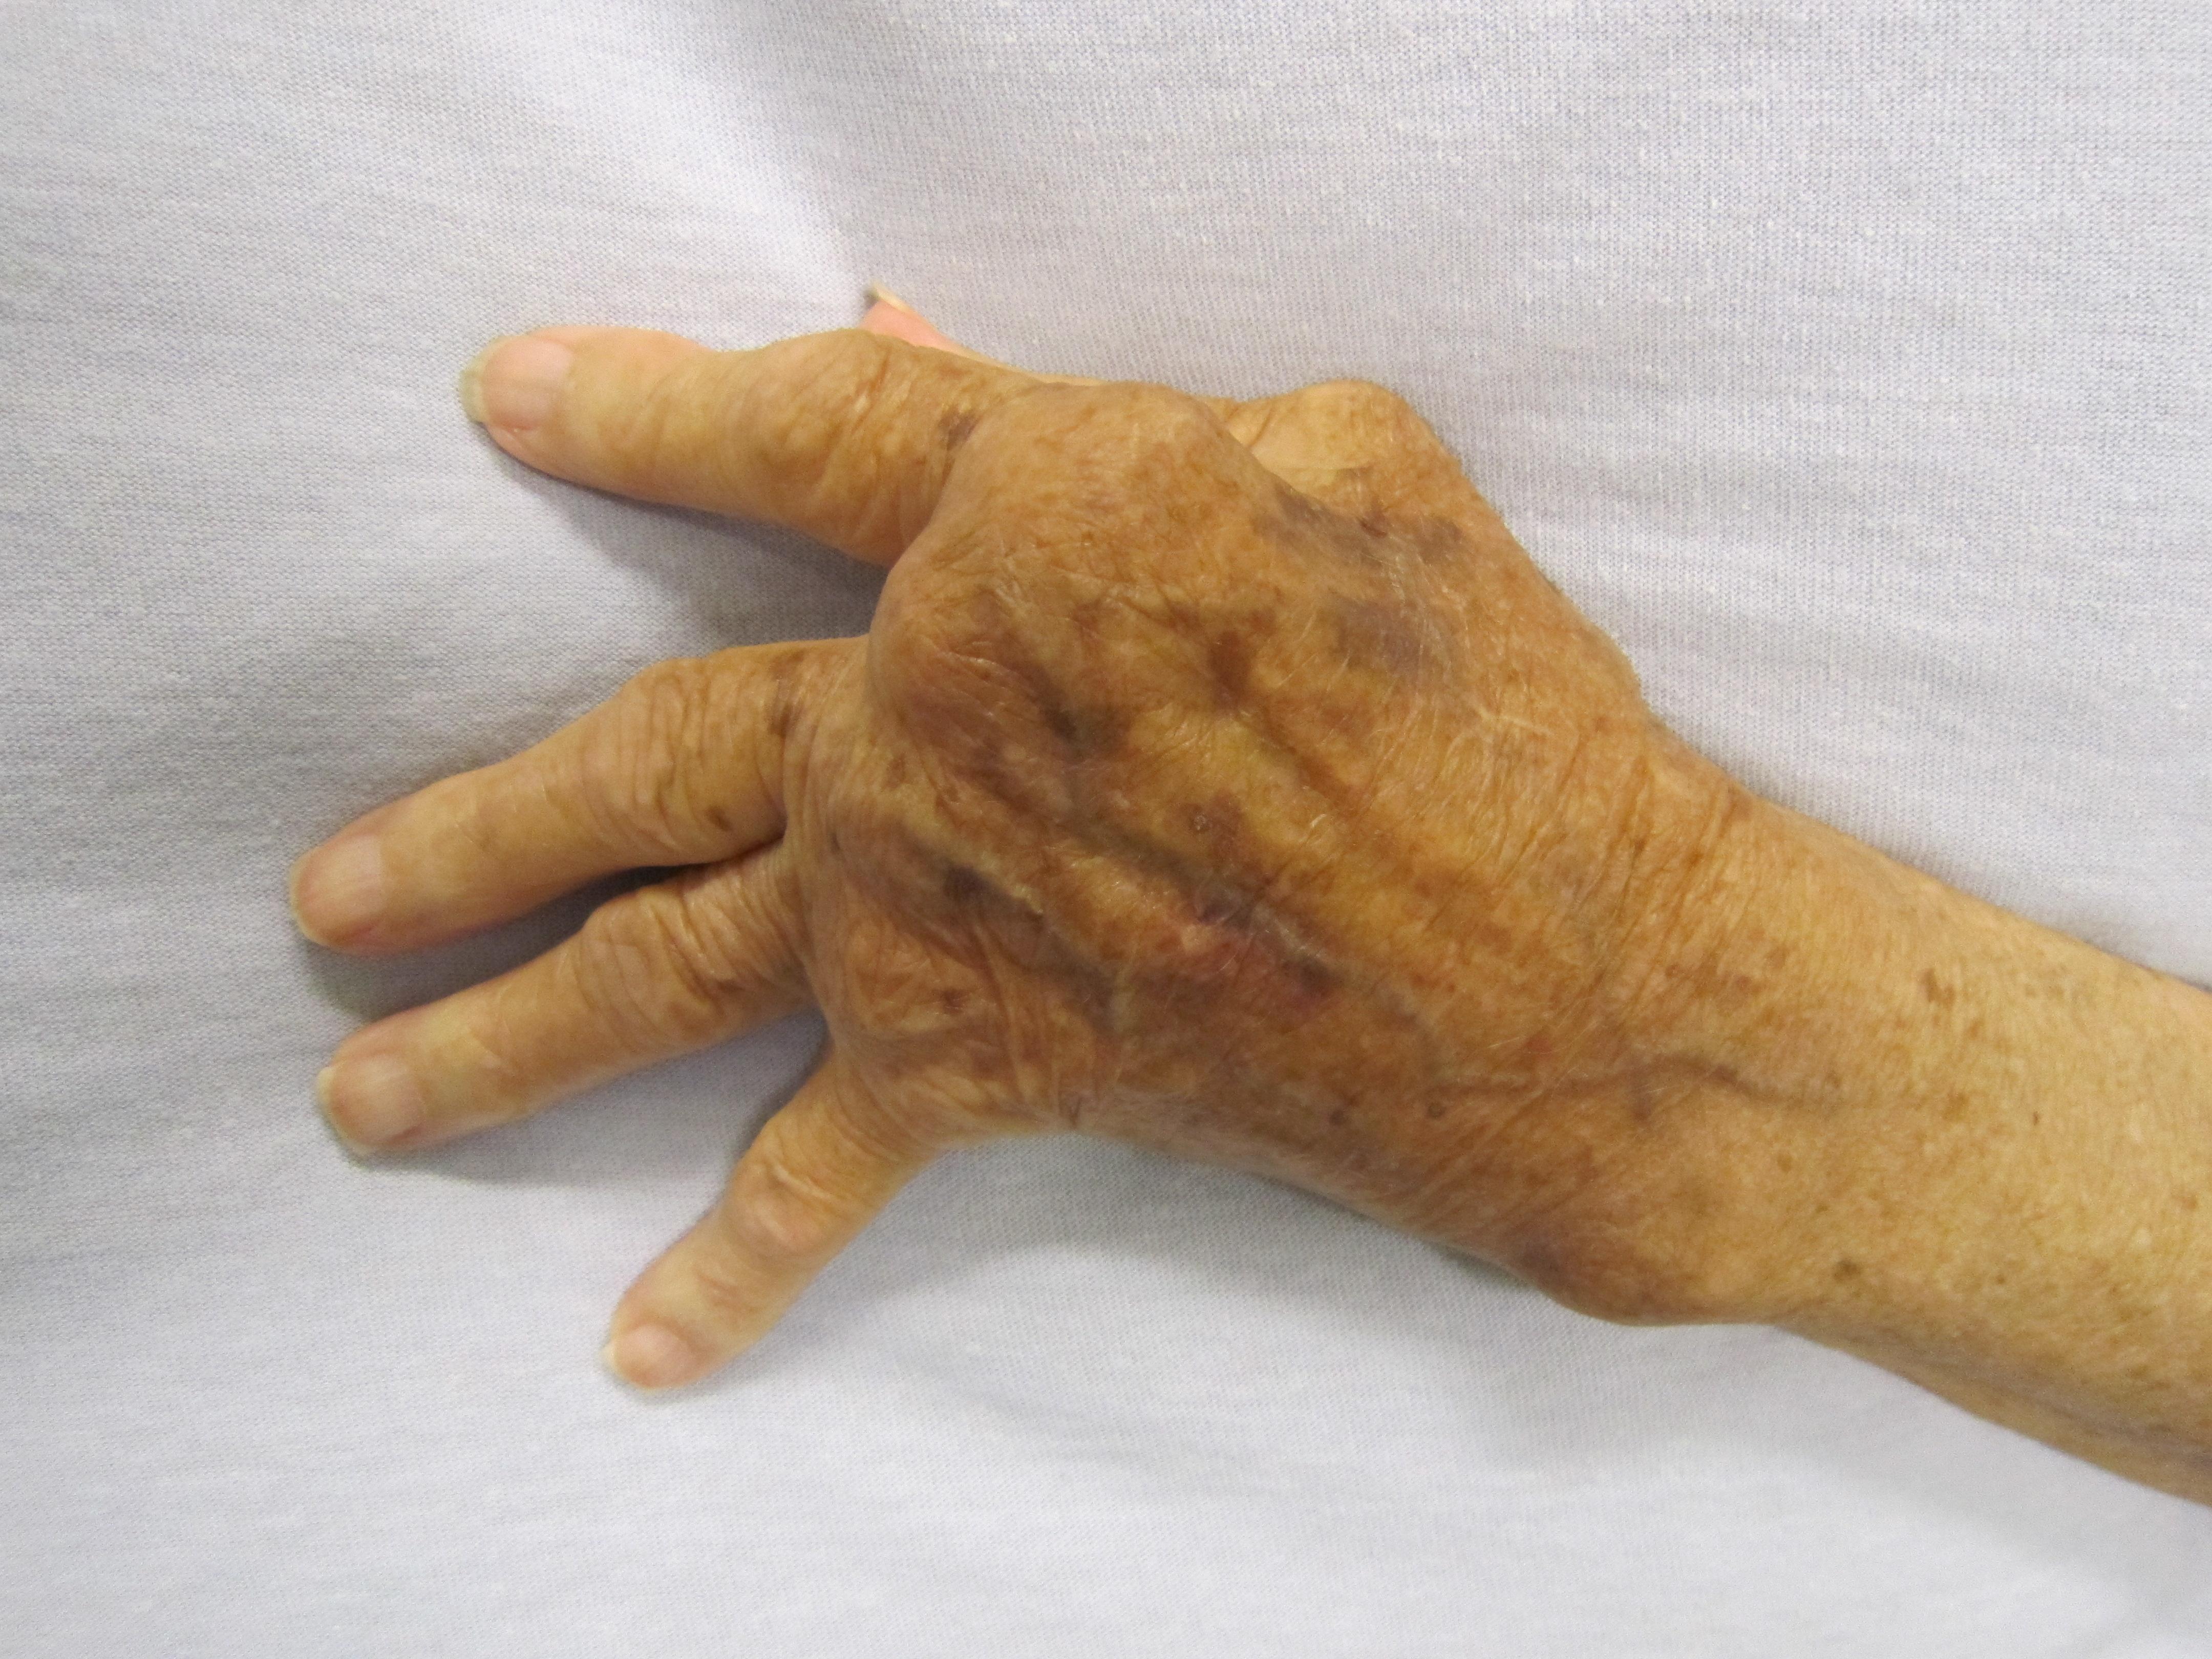 az ízületek deformáló artrózisának hatékony kezelése